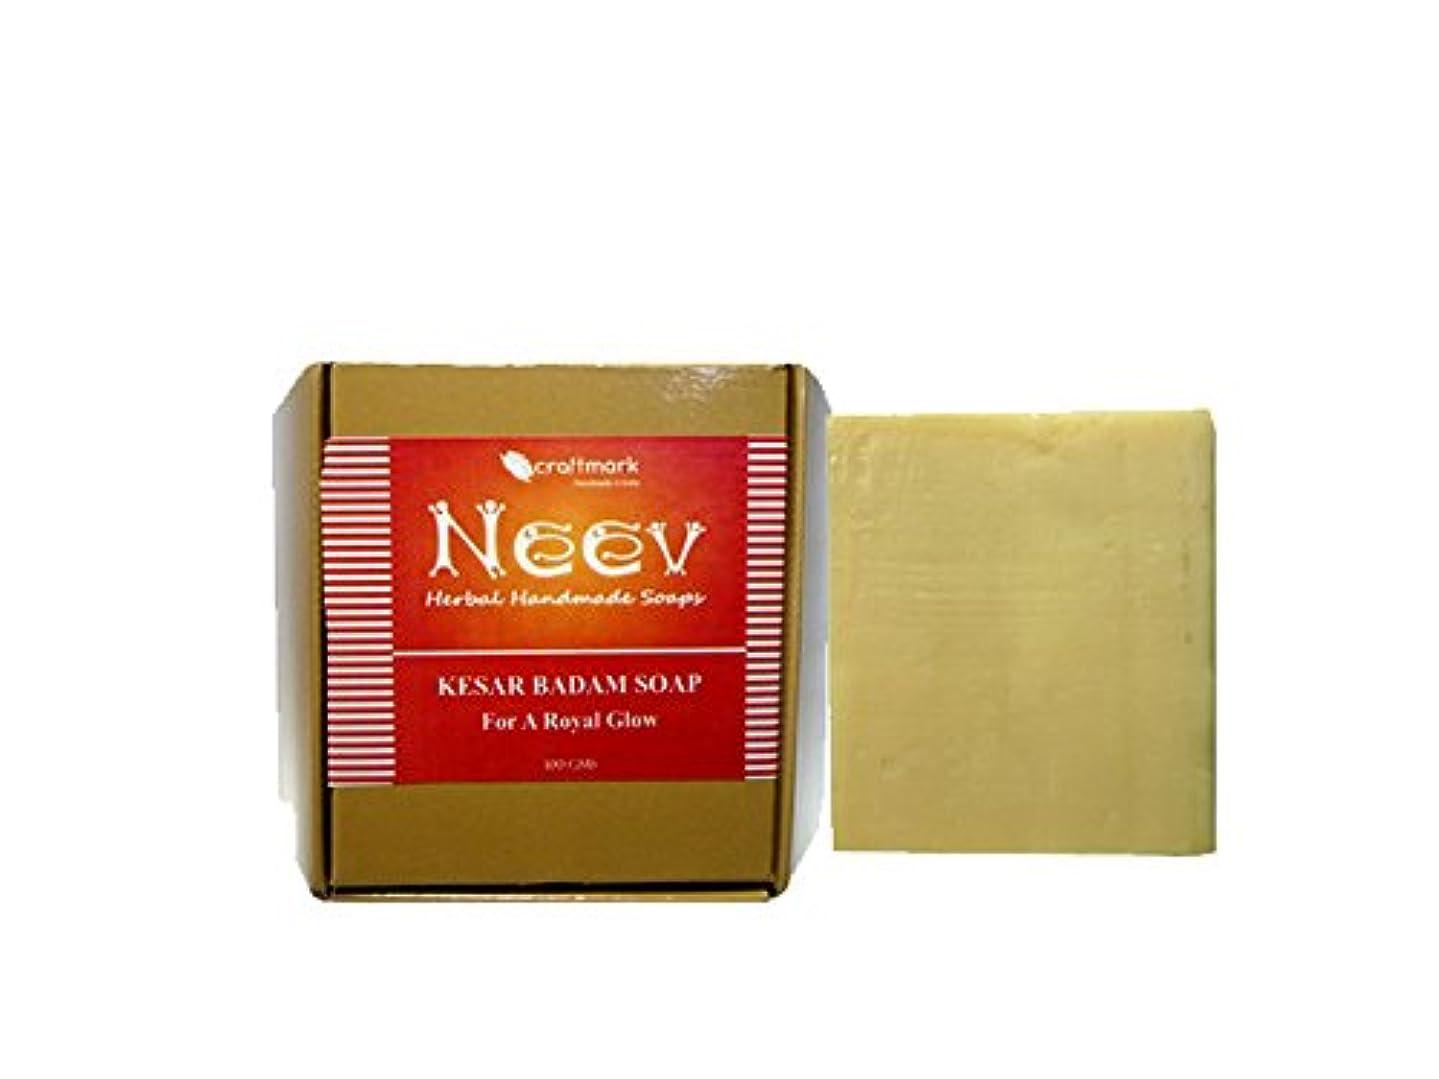 マティス抵抗アドバイス手作り ニーブ カサル バダム ソープ NEEV Herbal Kesar Badam SOAP For A Royal Glow